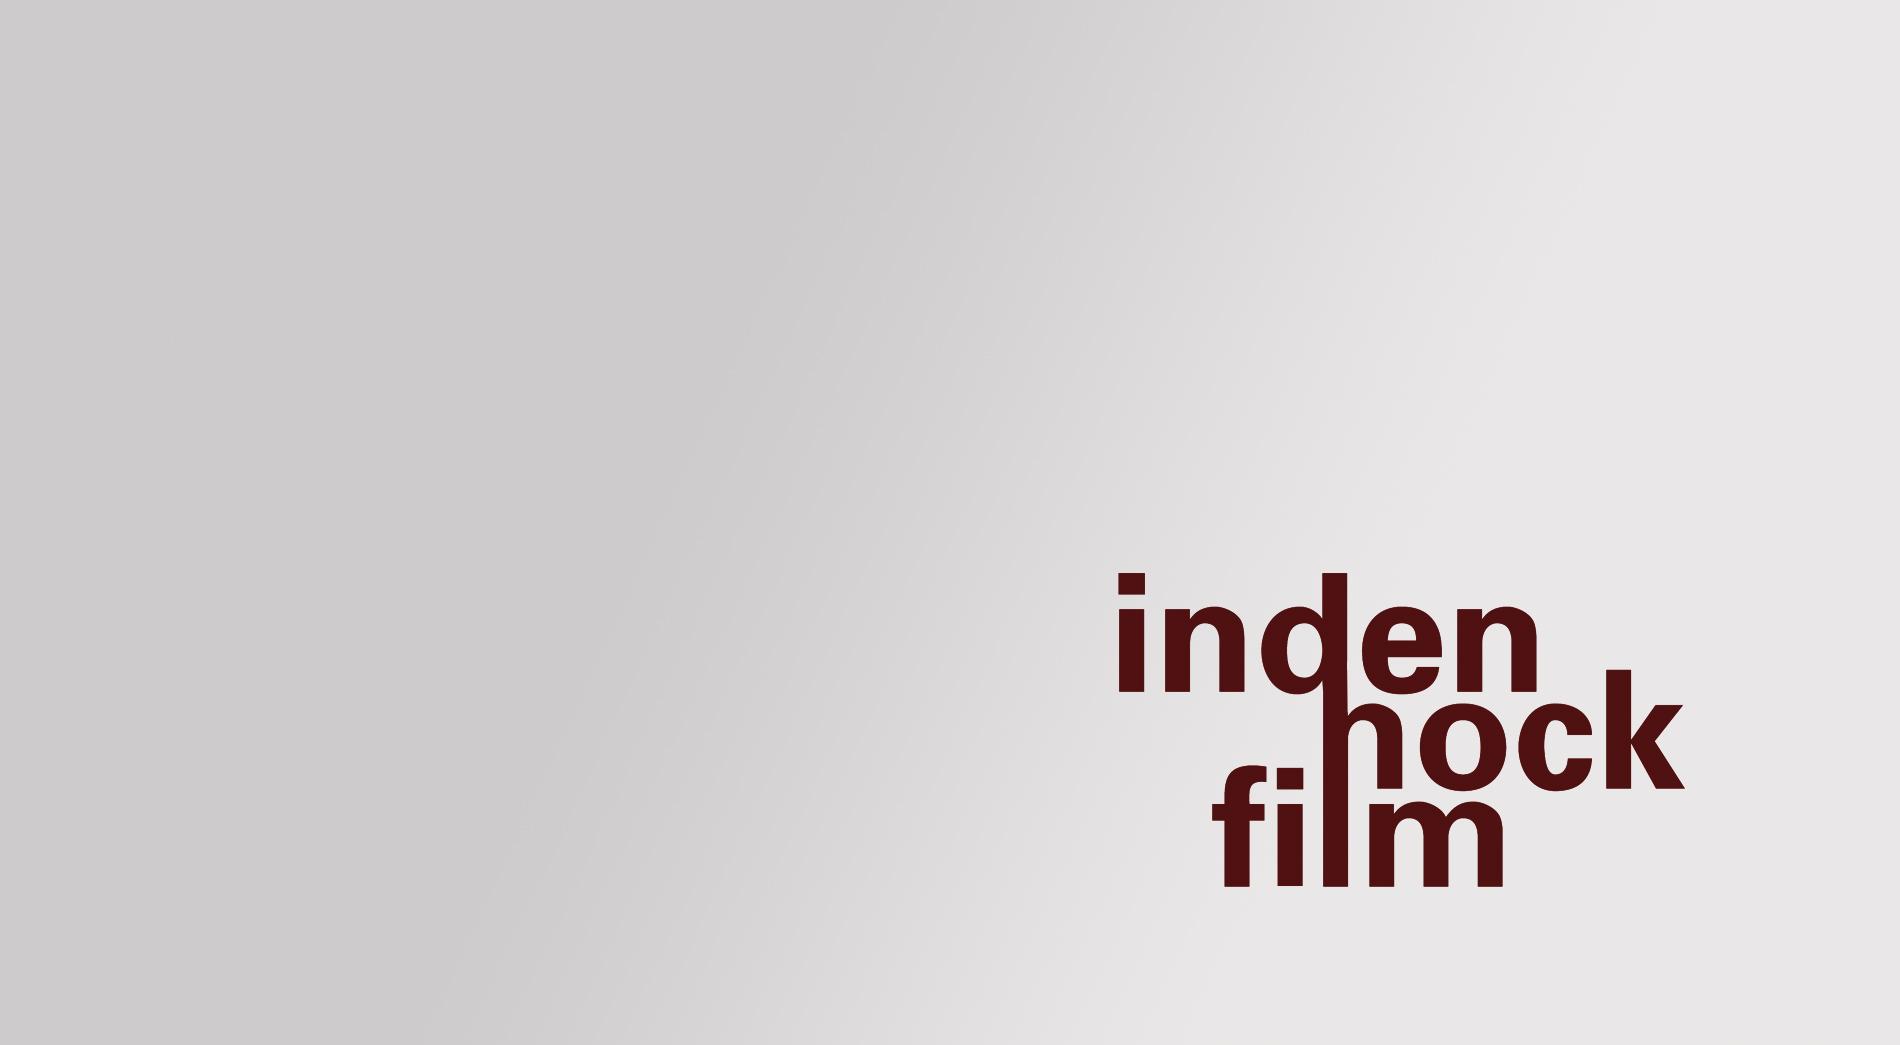 Schriftzug für eine Filmemacherin